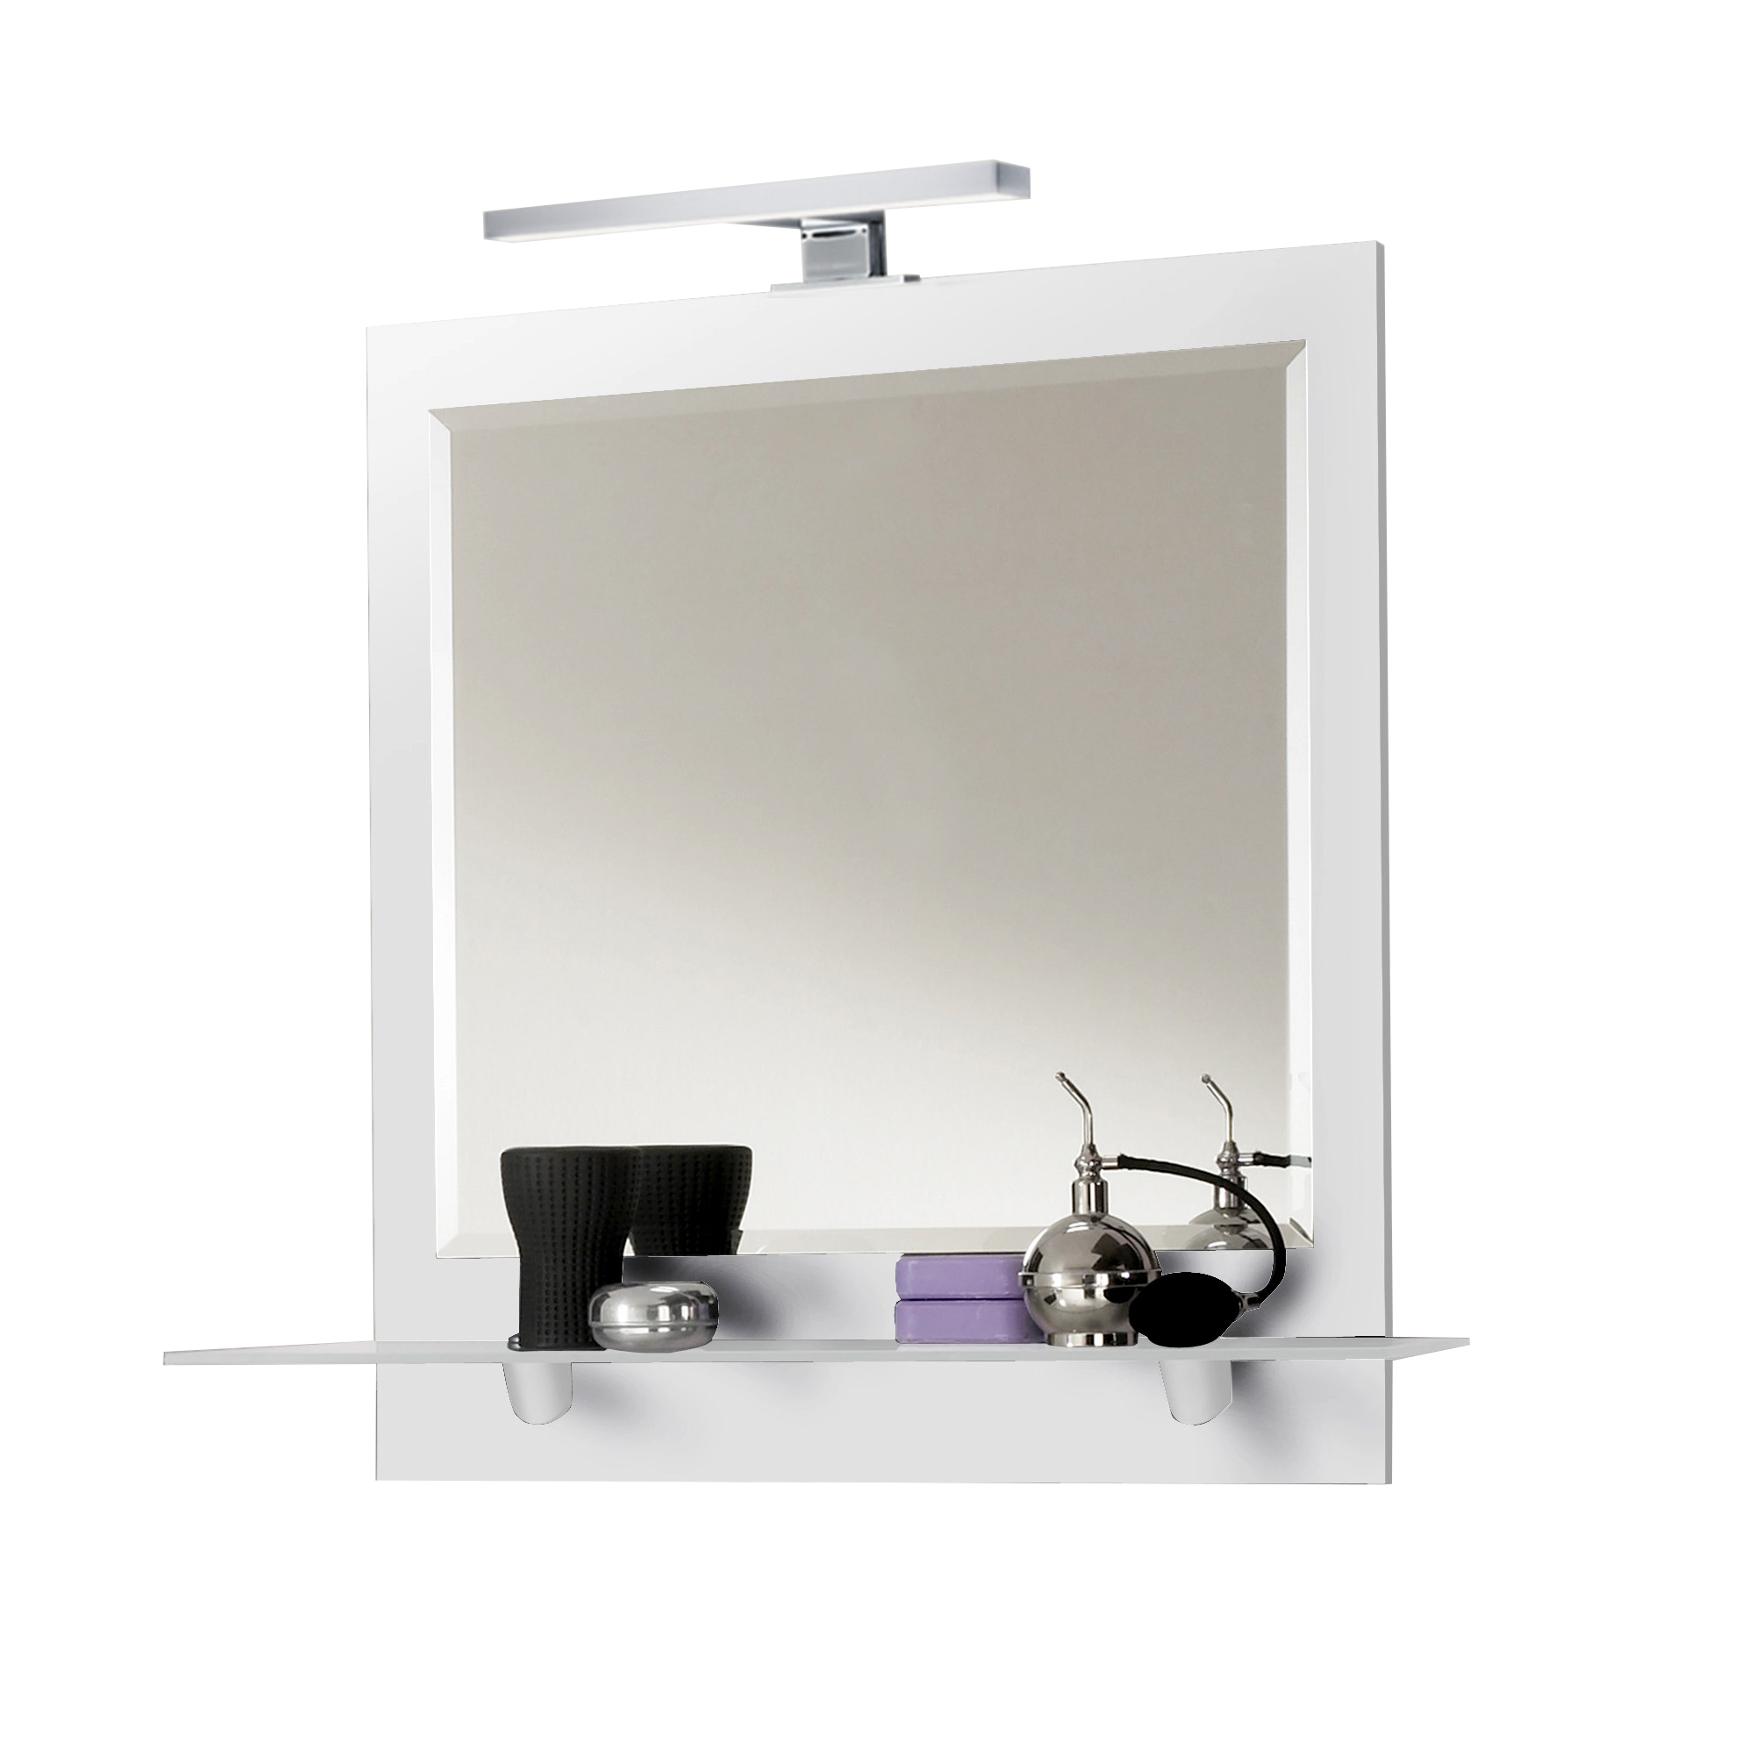 Badm bel set marano mit spiegel 6 teilig 90 cm breit for Spiegel id